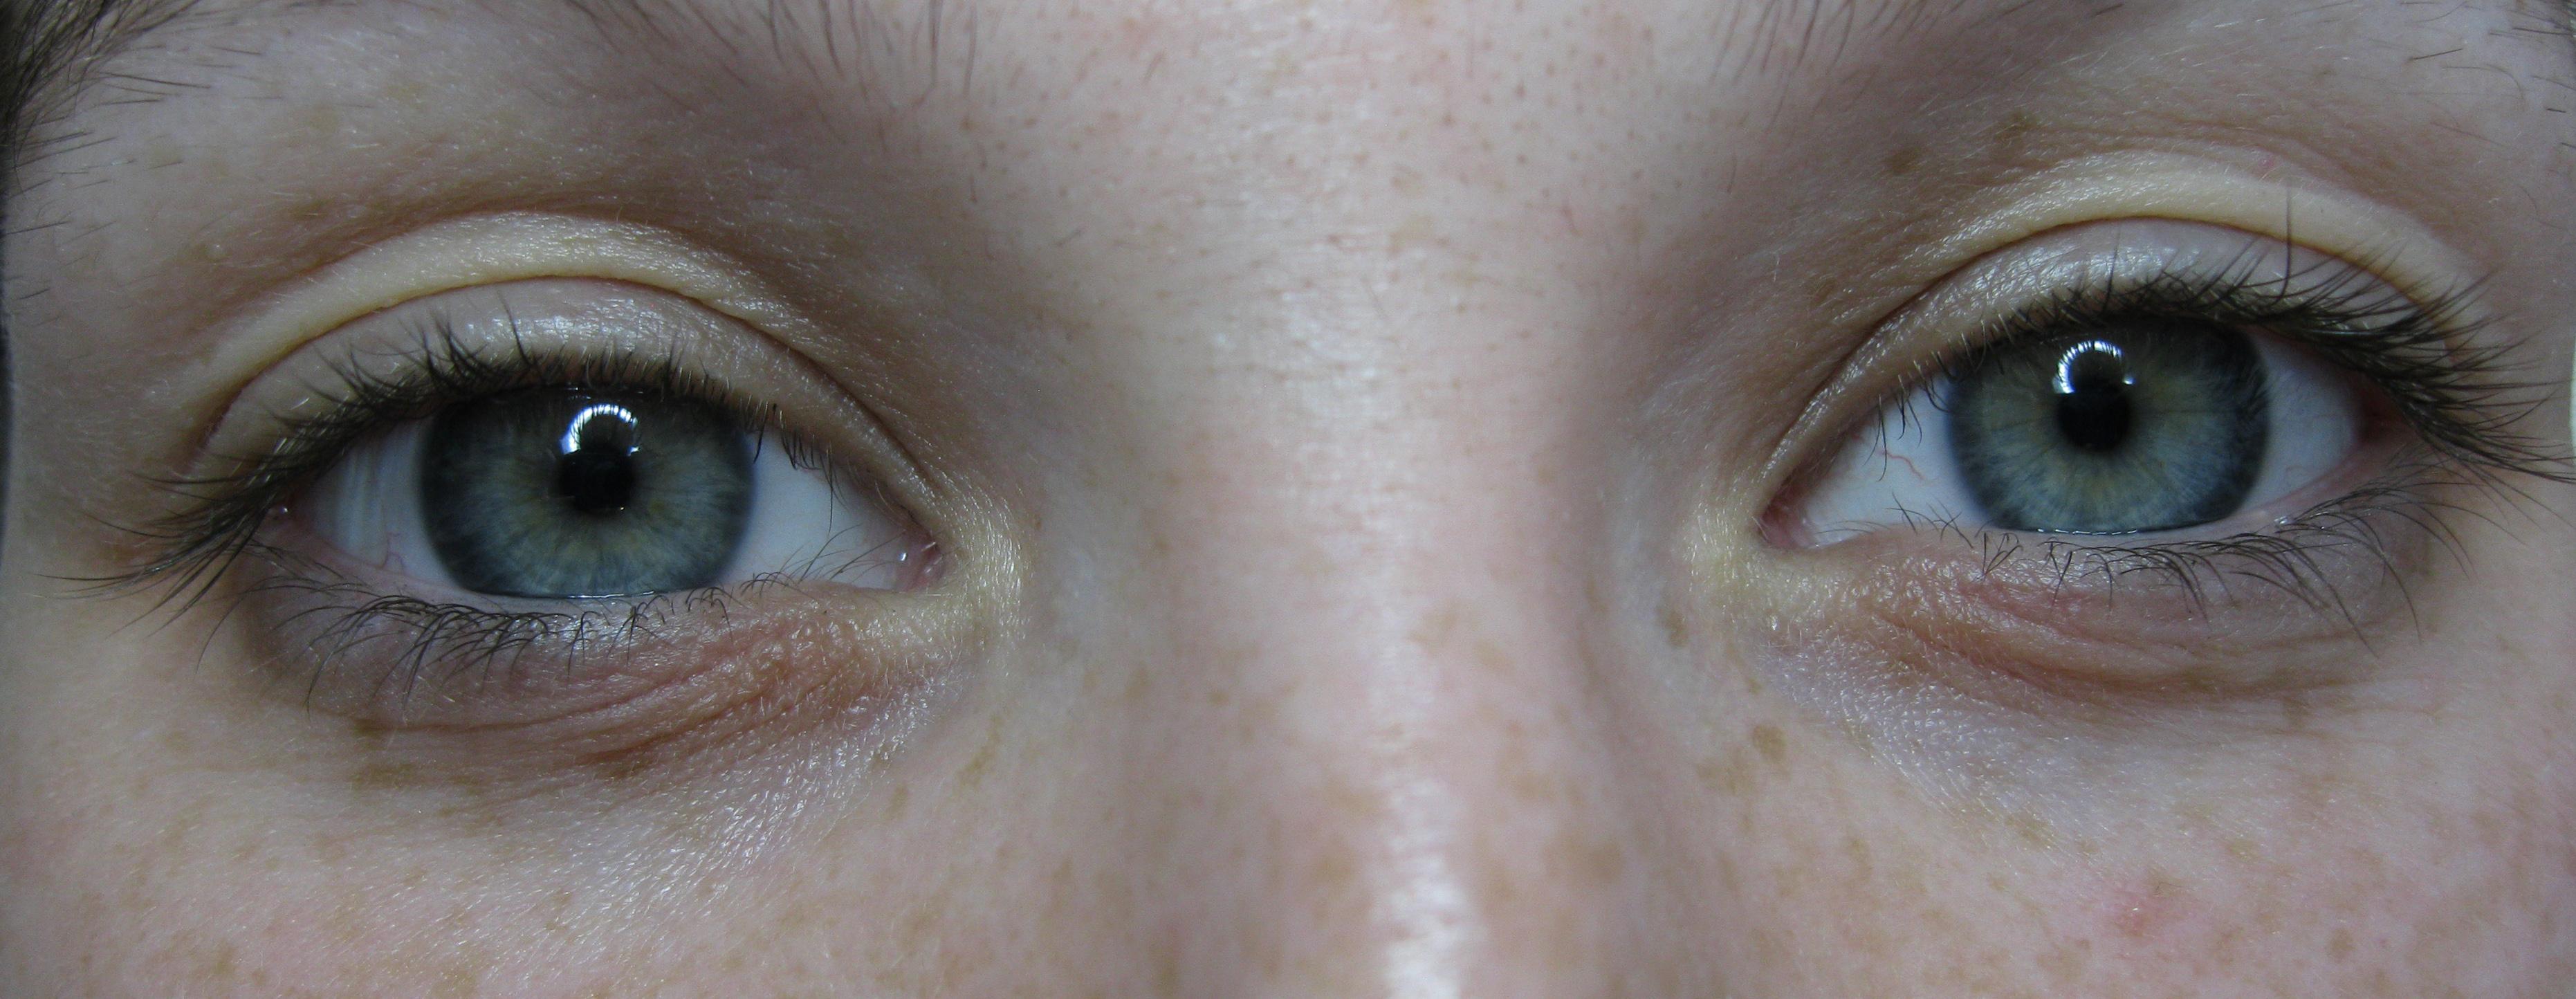 Szempilla lifting előtt - Soós Ágnes kozmetikus